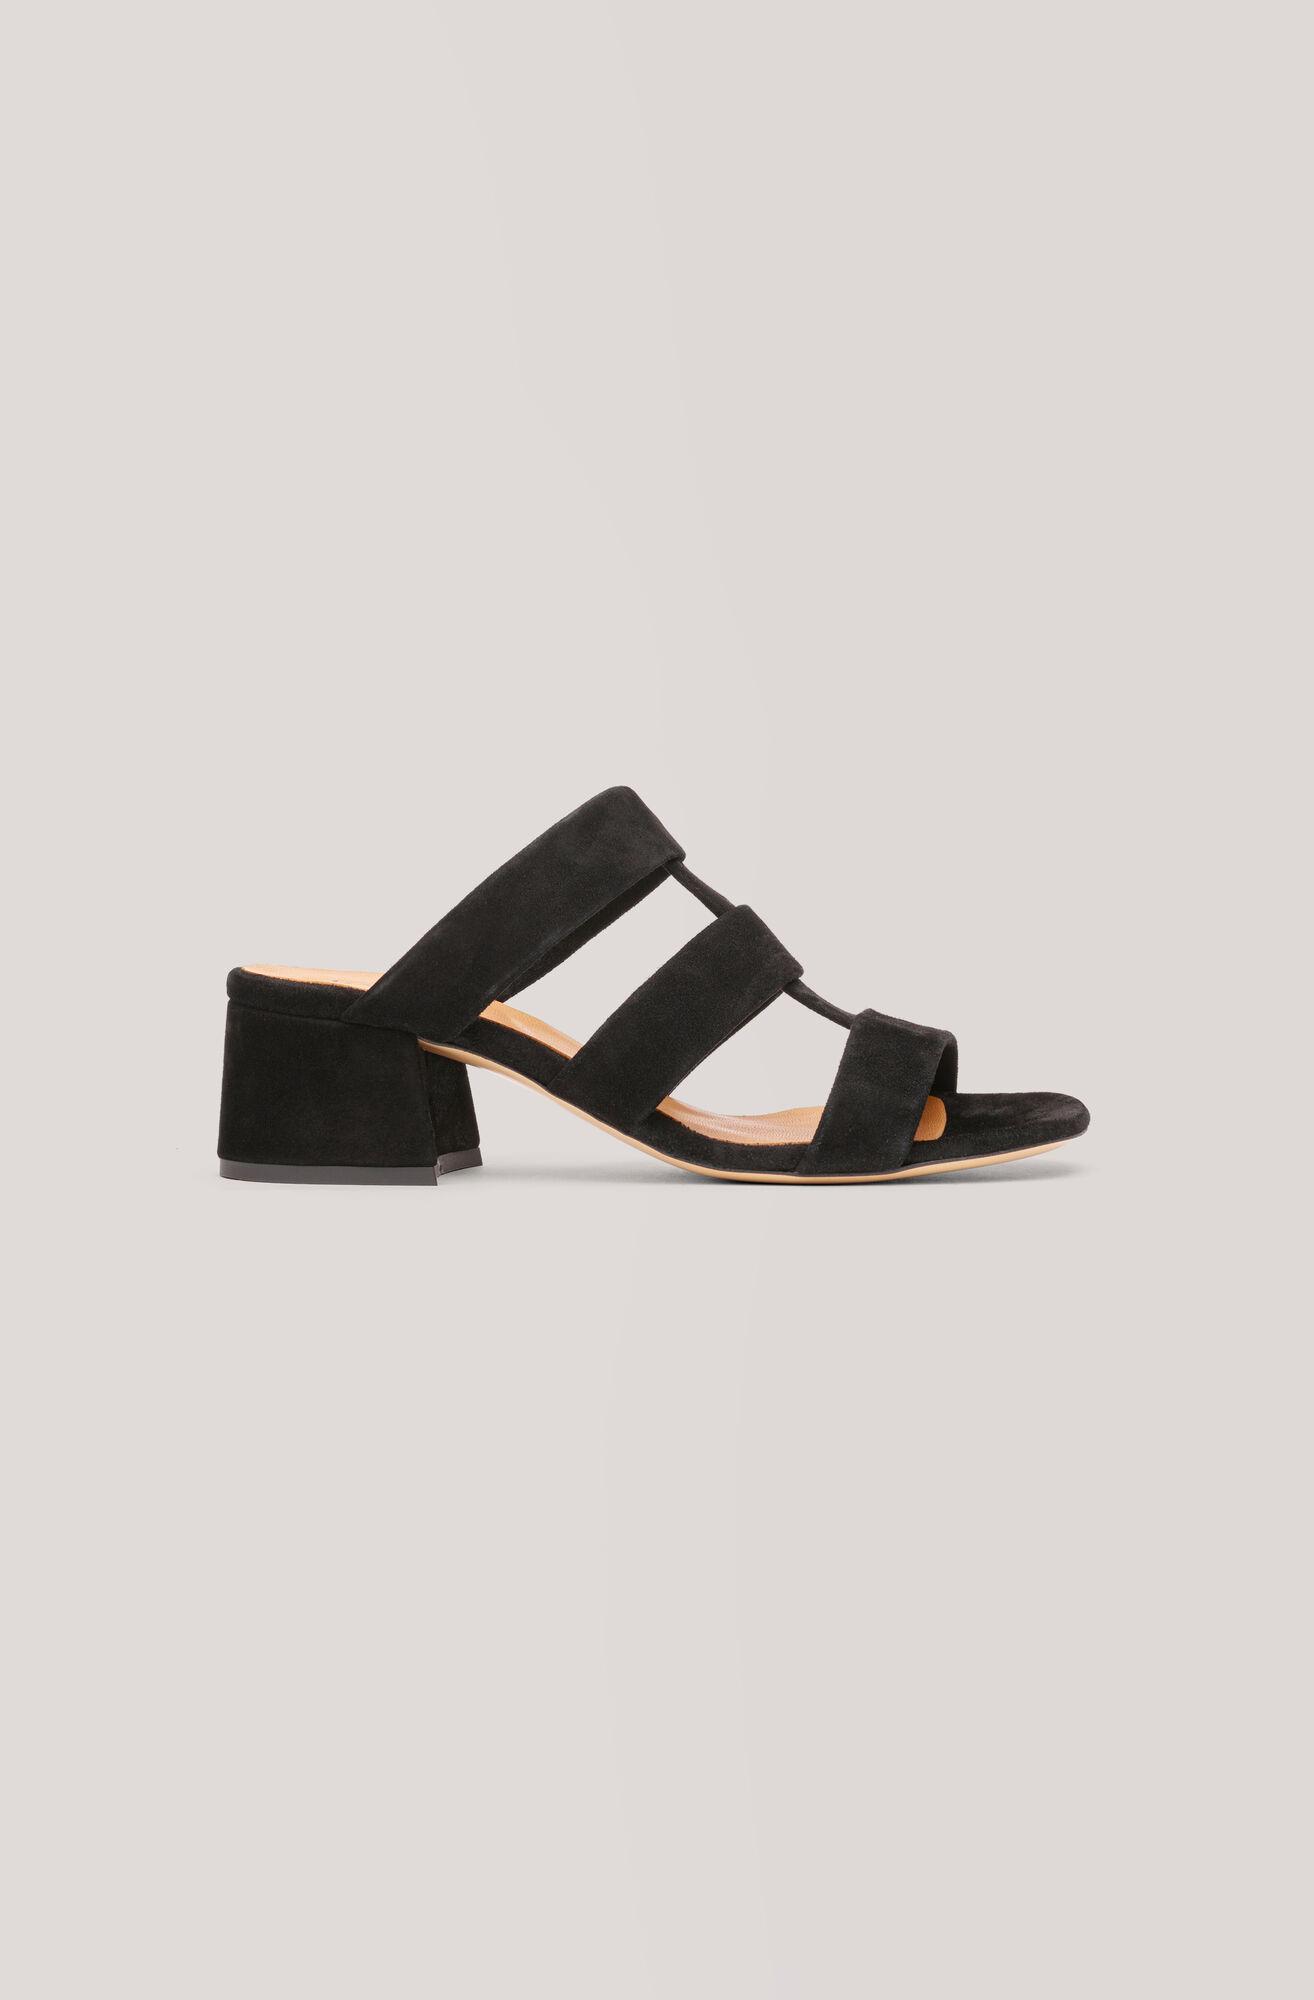 Olive Sandals, Black, hi-res